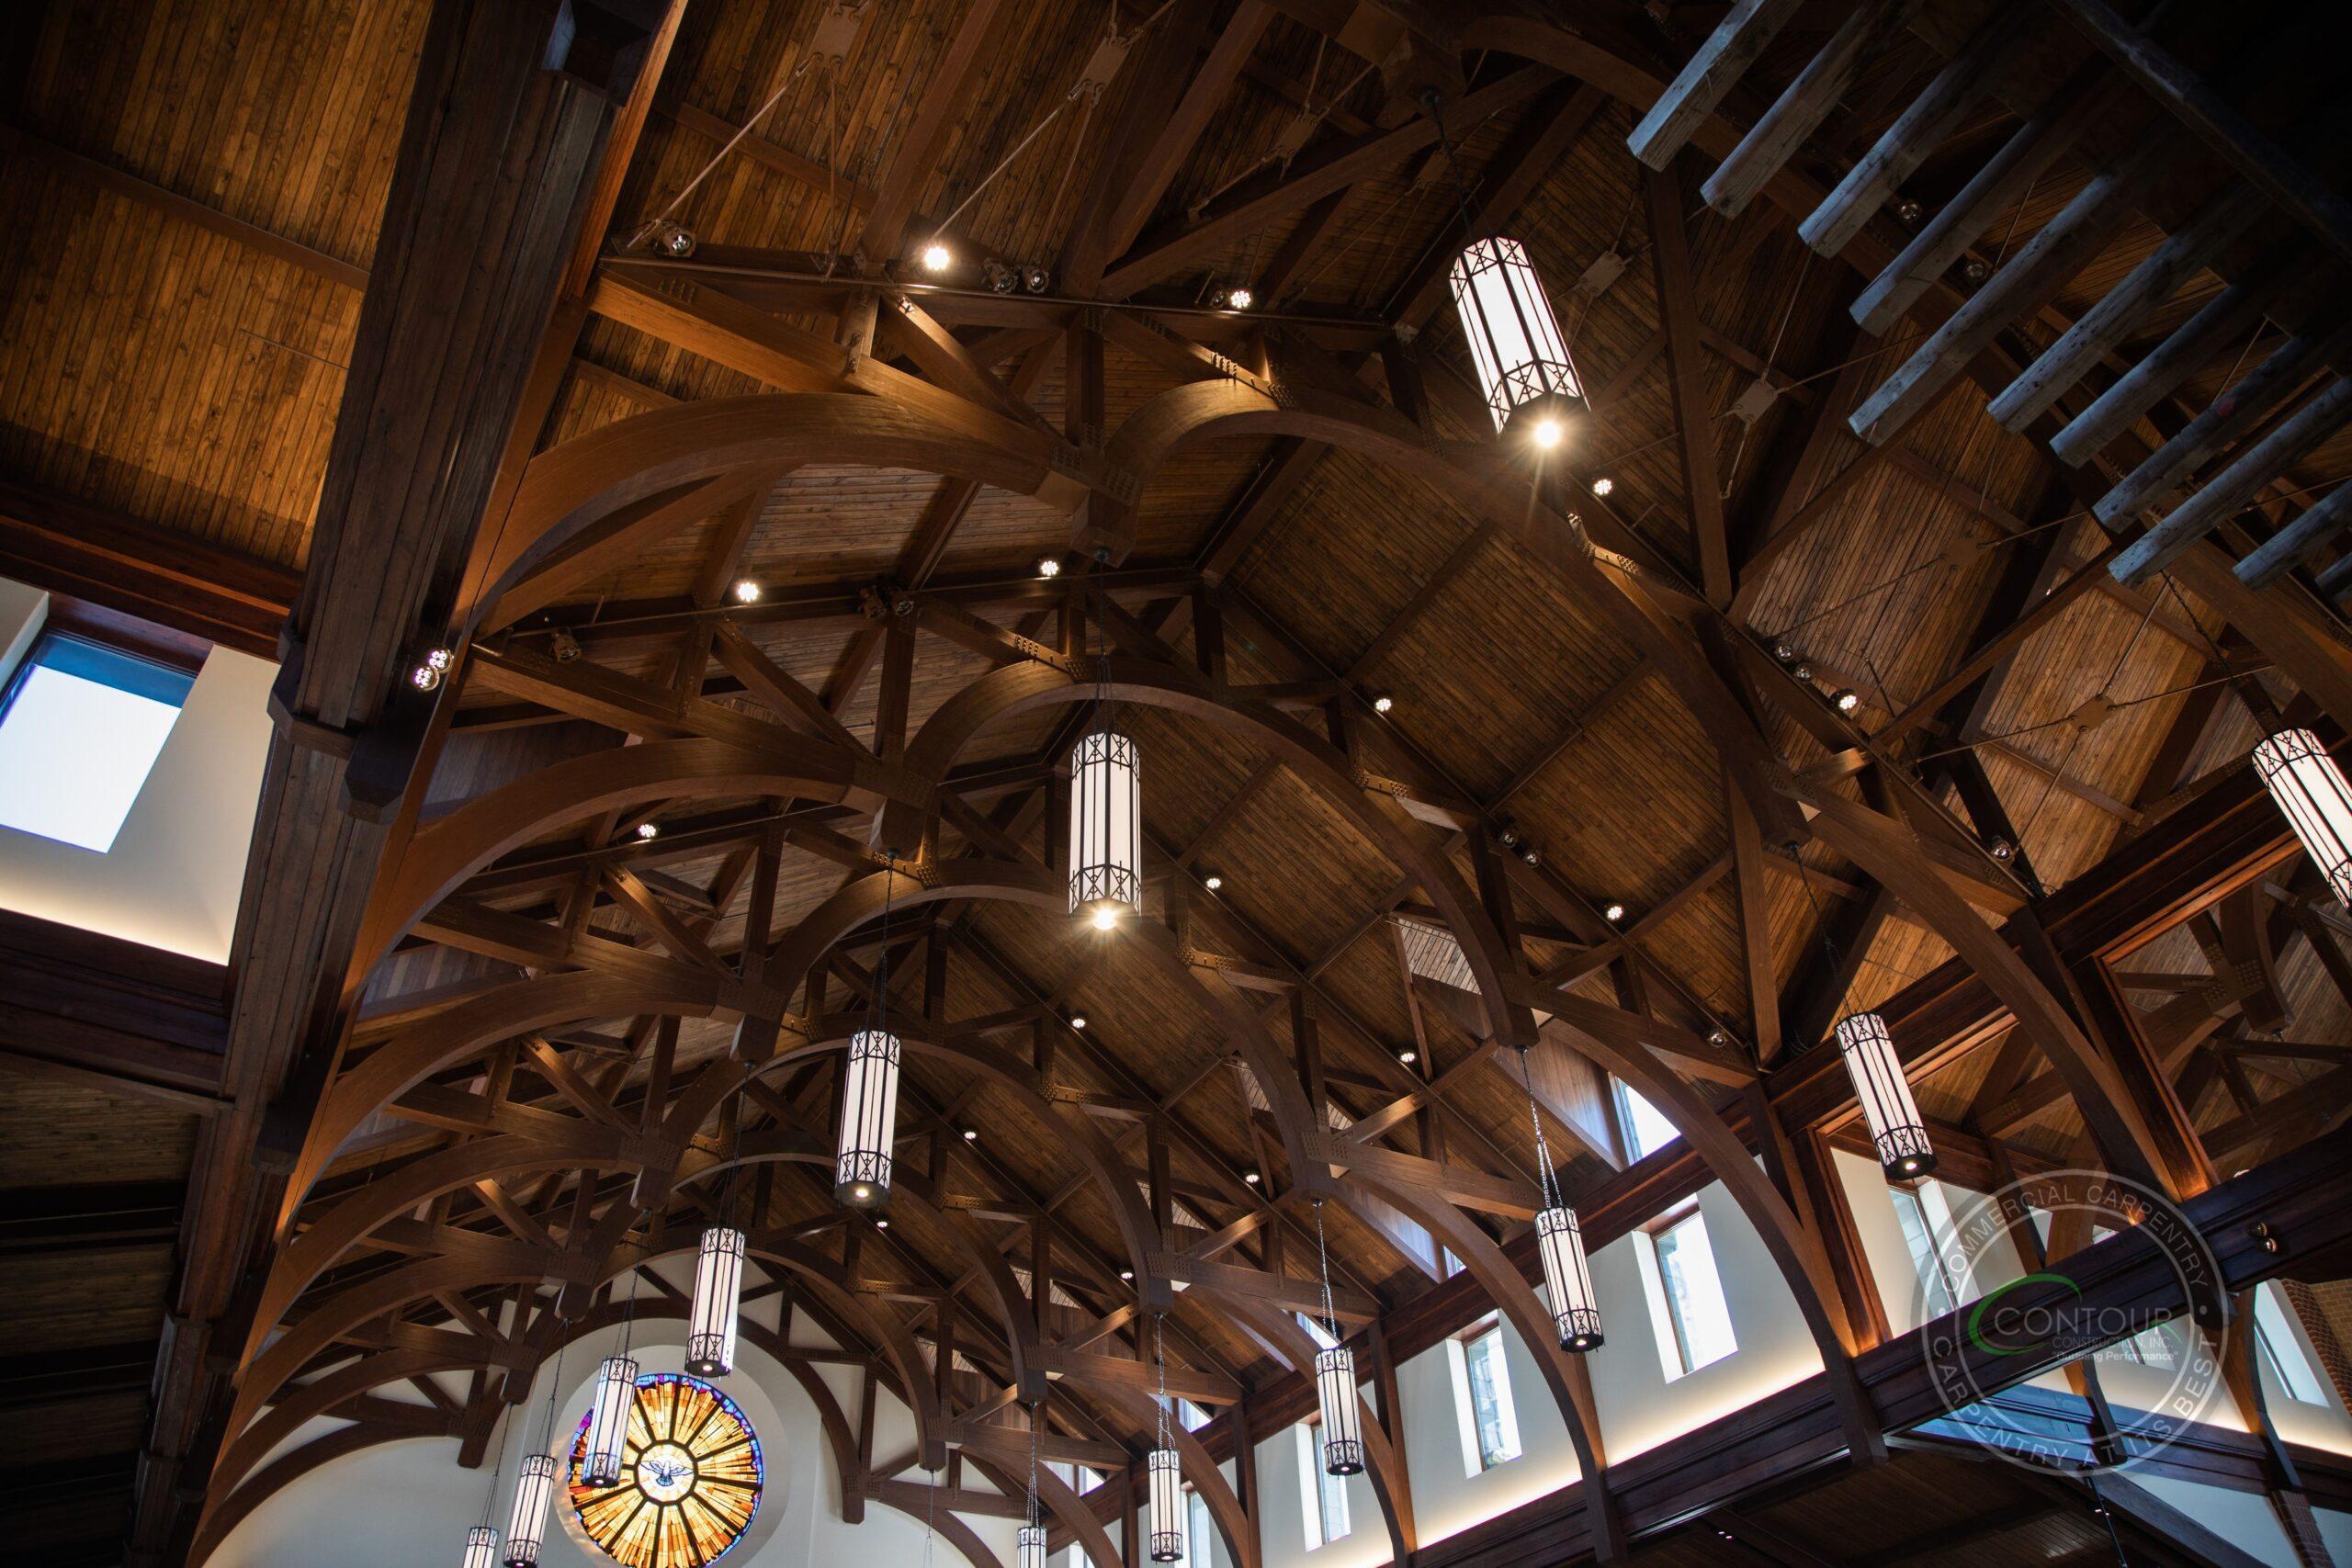 St. Wenceslaus Catholic Church glulam beam